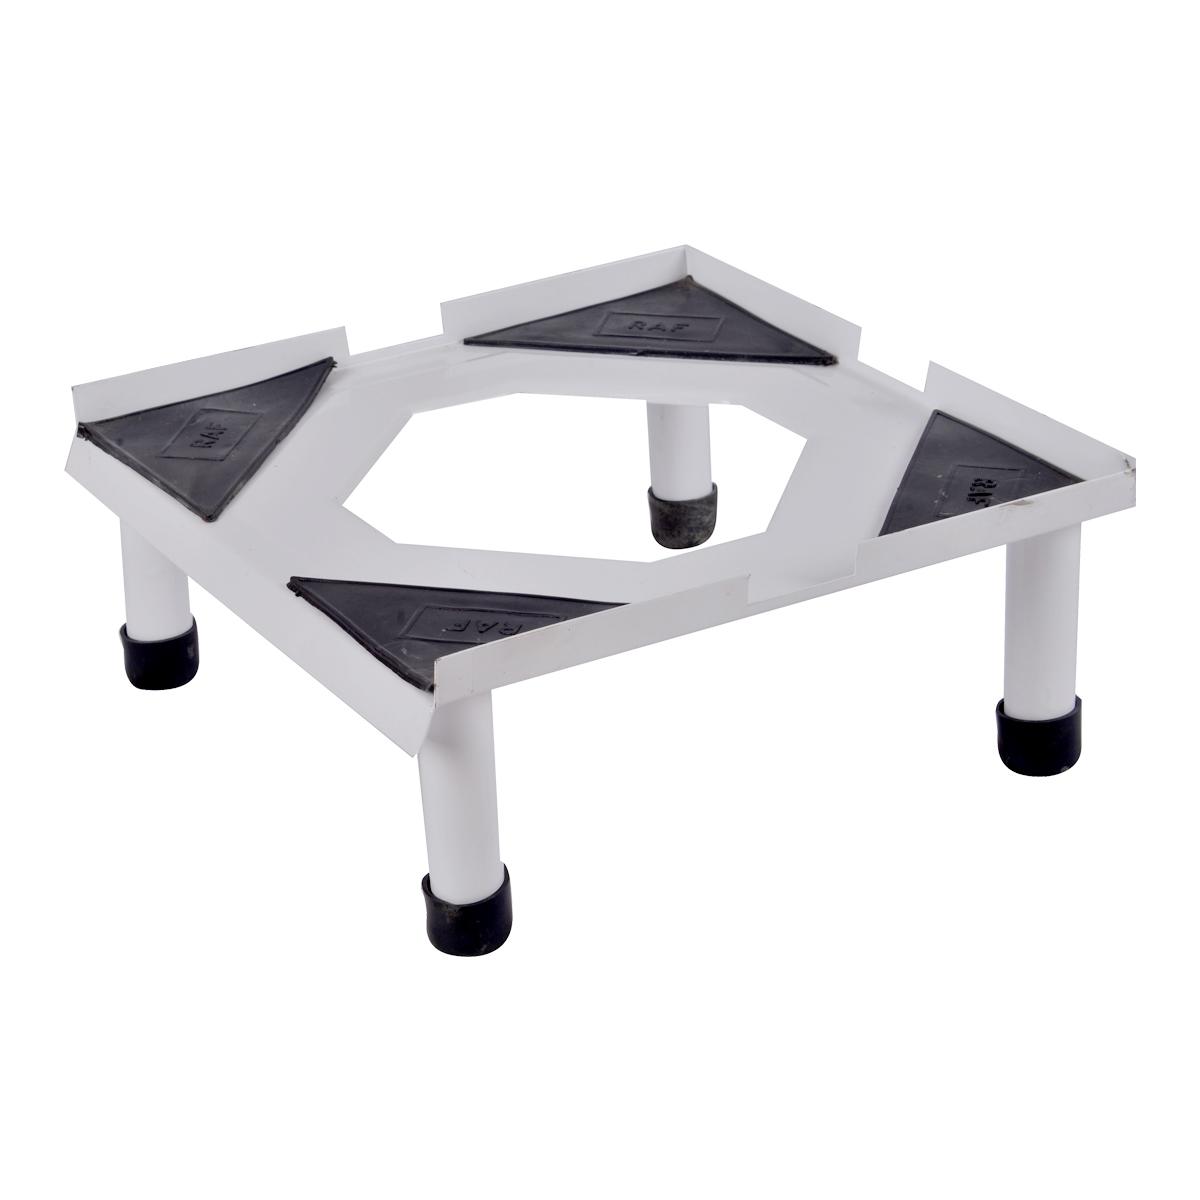 قاعدة ثلاجة ( برادة )  مربعة الشكل - بدون كفرات